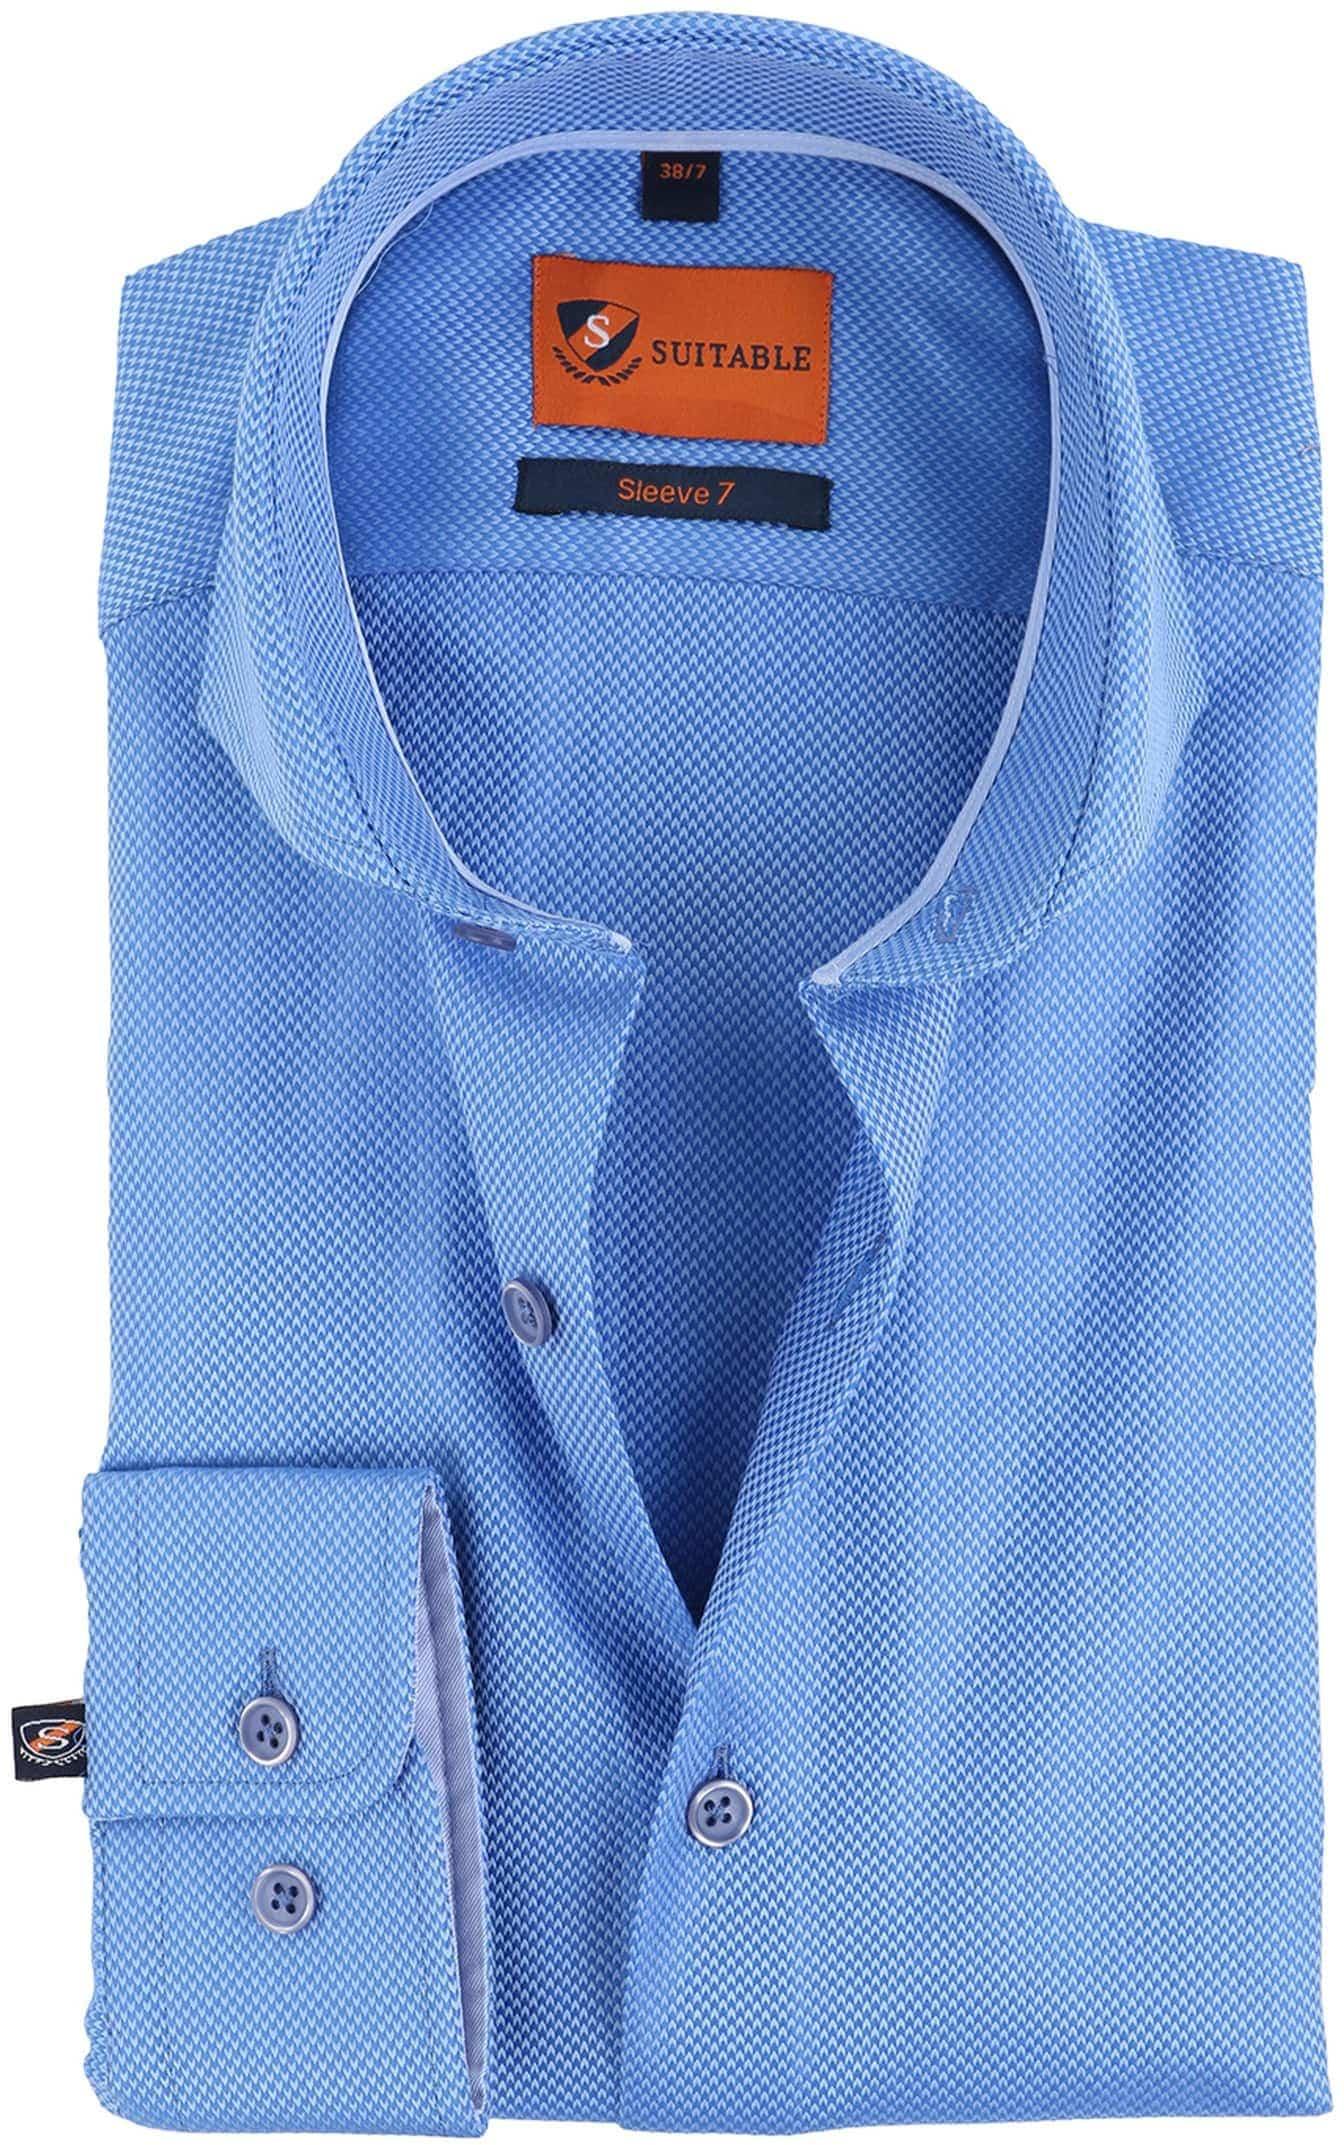 Suitable Shirt S7 167-5 foto 0